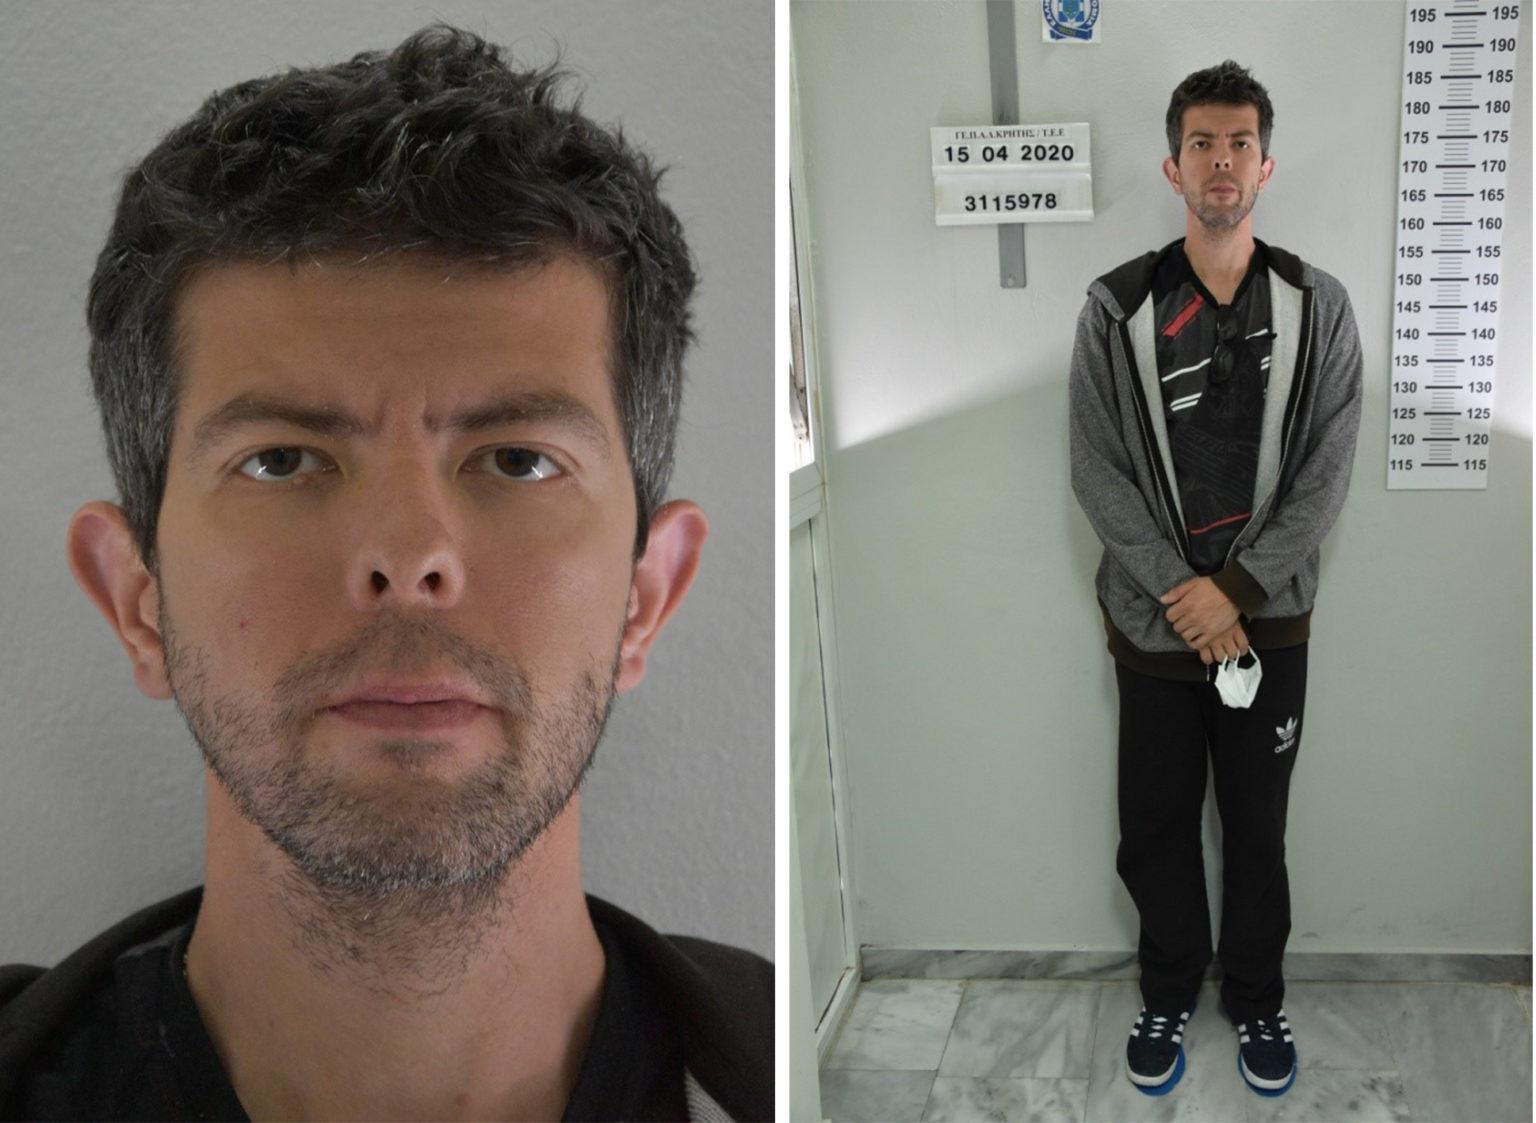 Αυτός είναι ο 37χρονος Χανιώτης που φέρεται να ασελγούσε σε ανήλικους (φωτο)